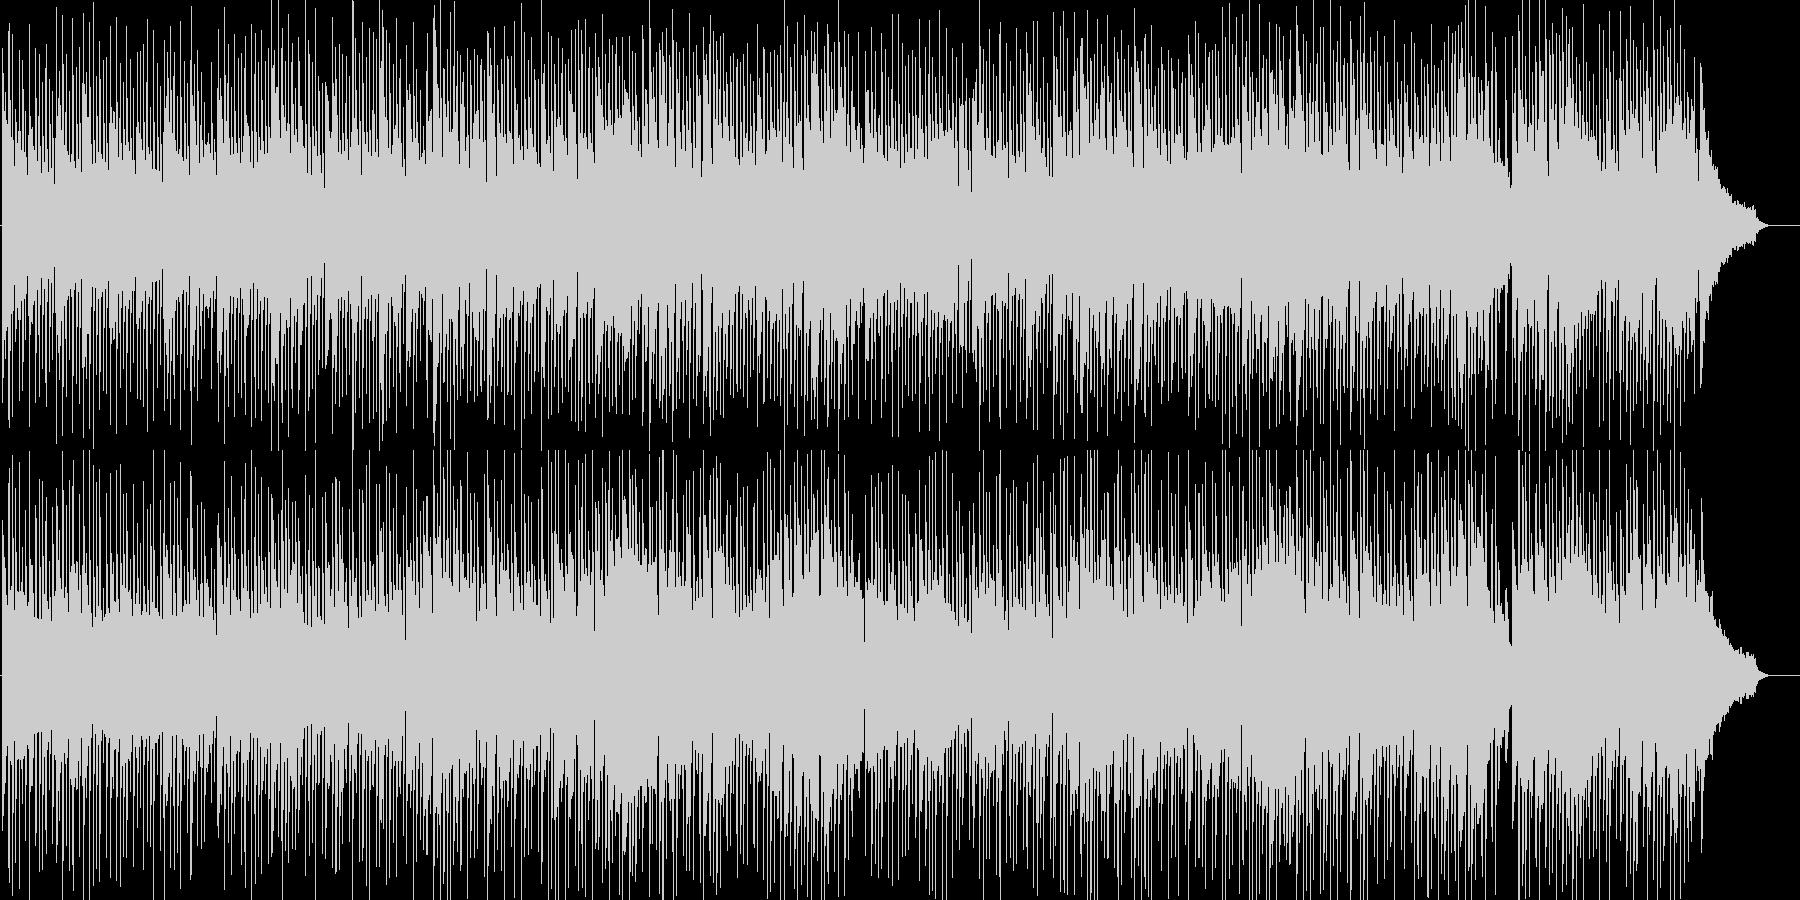 爽やかでゆったりとしたボサノバ風BGMの未再生の波形